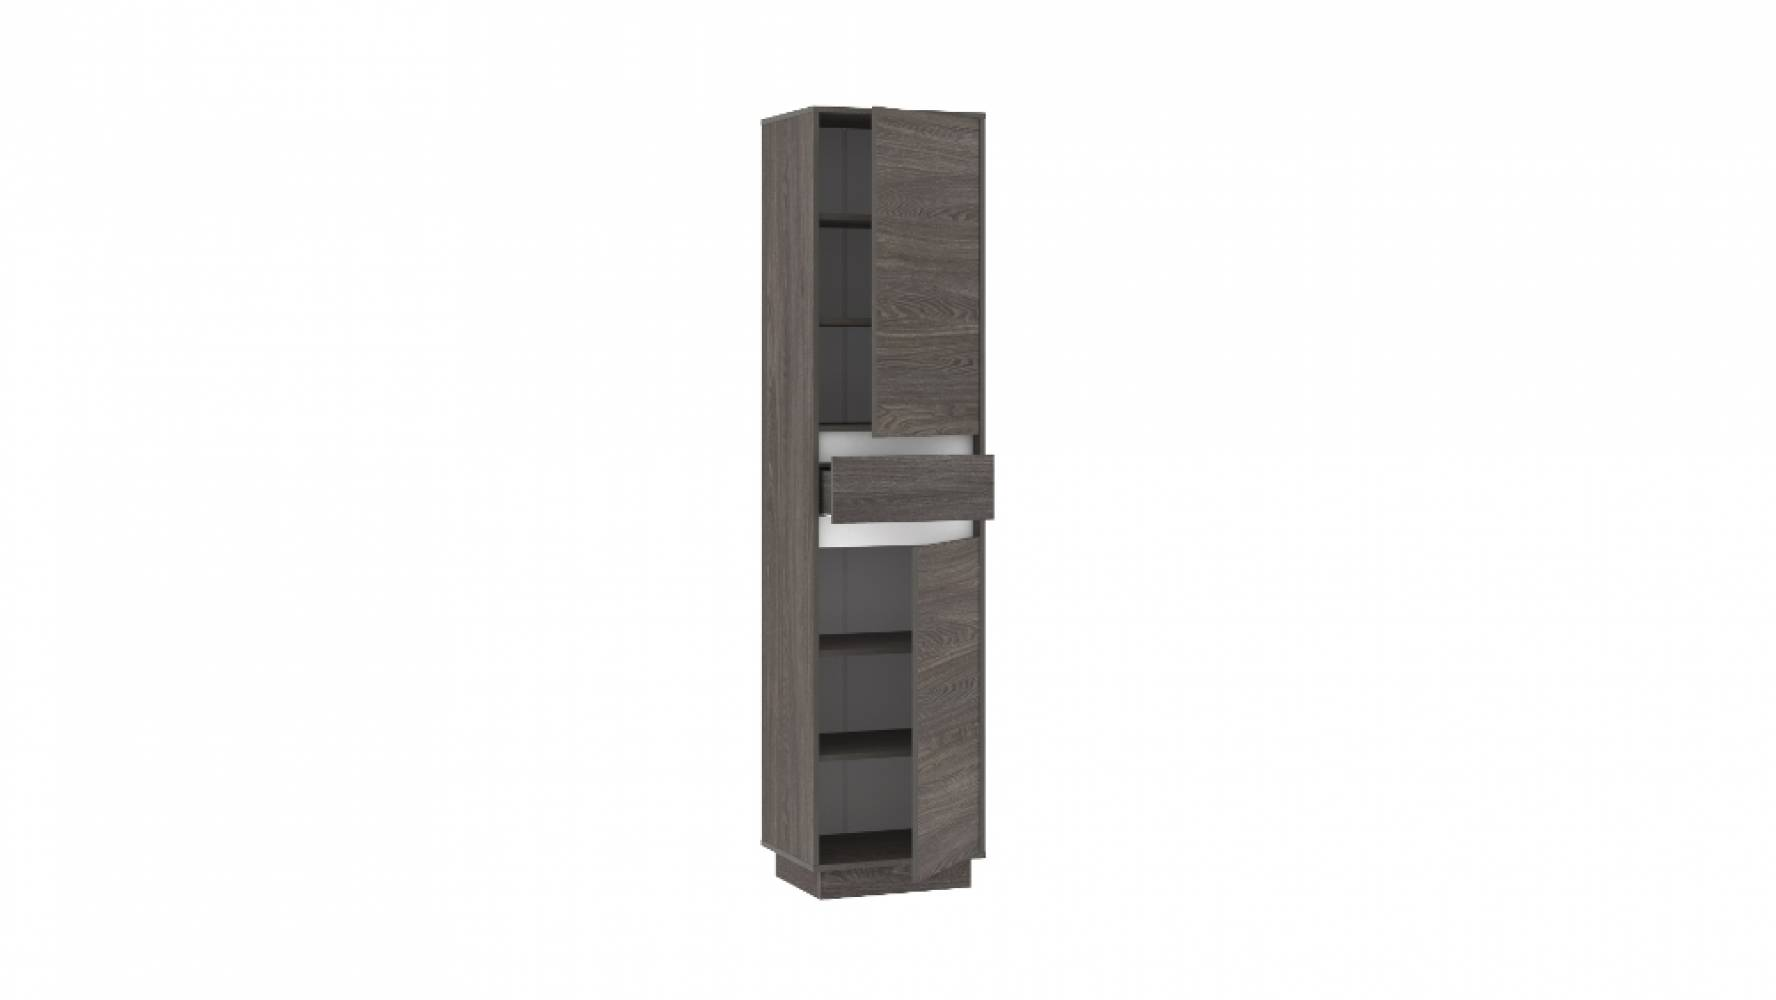 Шкаф для одежды НМ 011.81 VIRGINIA (Ясень Анкор темный/Белый Скандинавский)